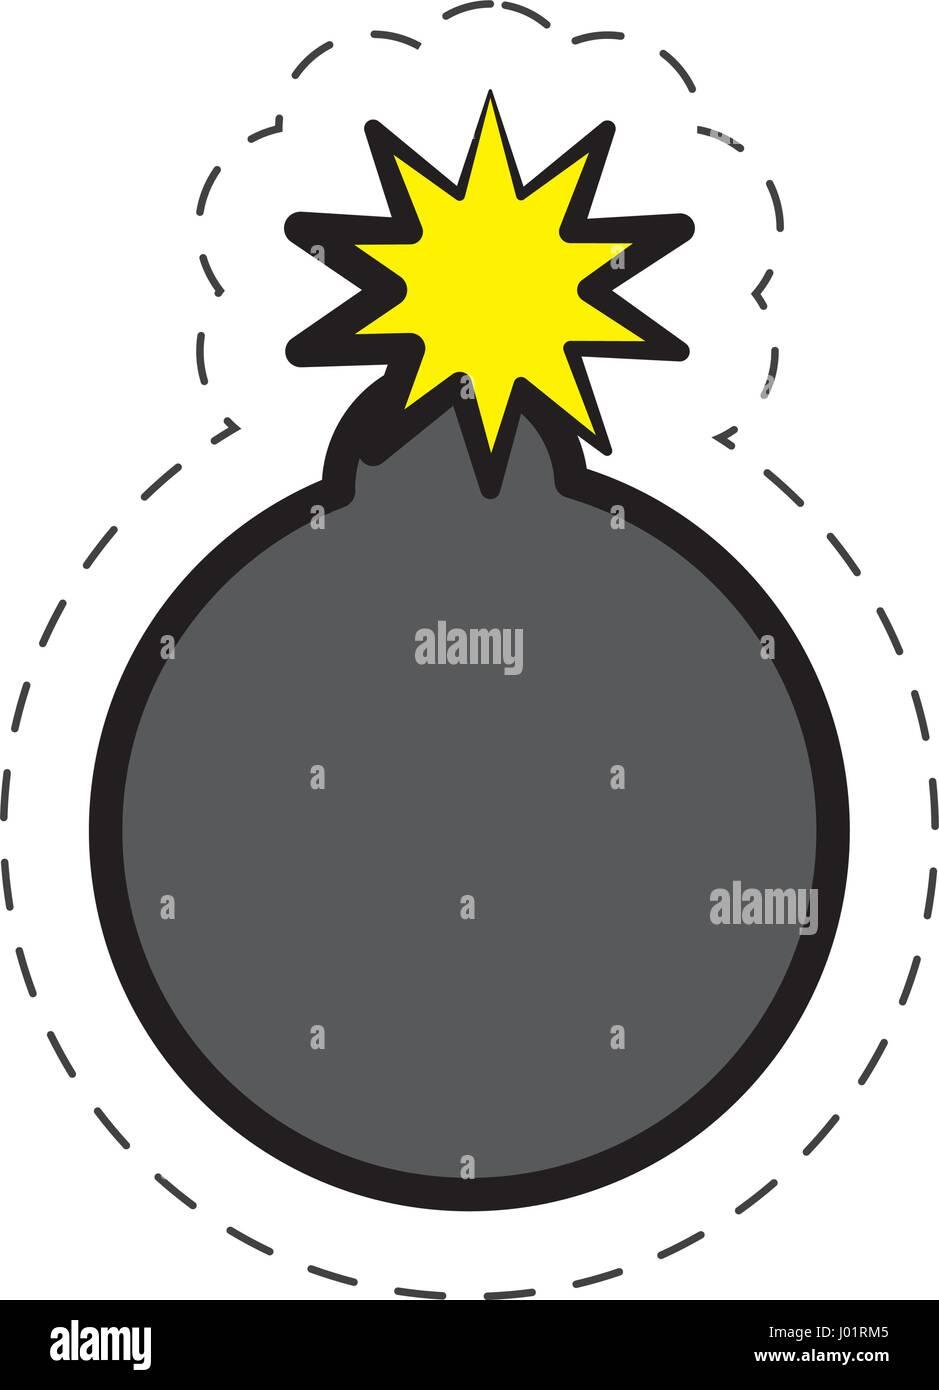 Bomb Comic Fire Danger Icon Stockfotos & Bomb Comic Fire Danger Icon Bilder - Alamy